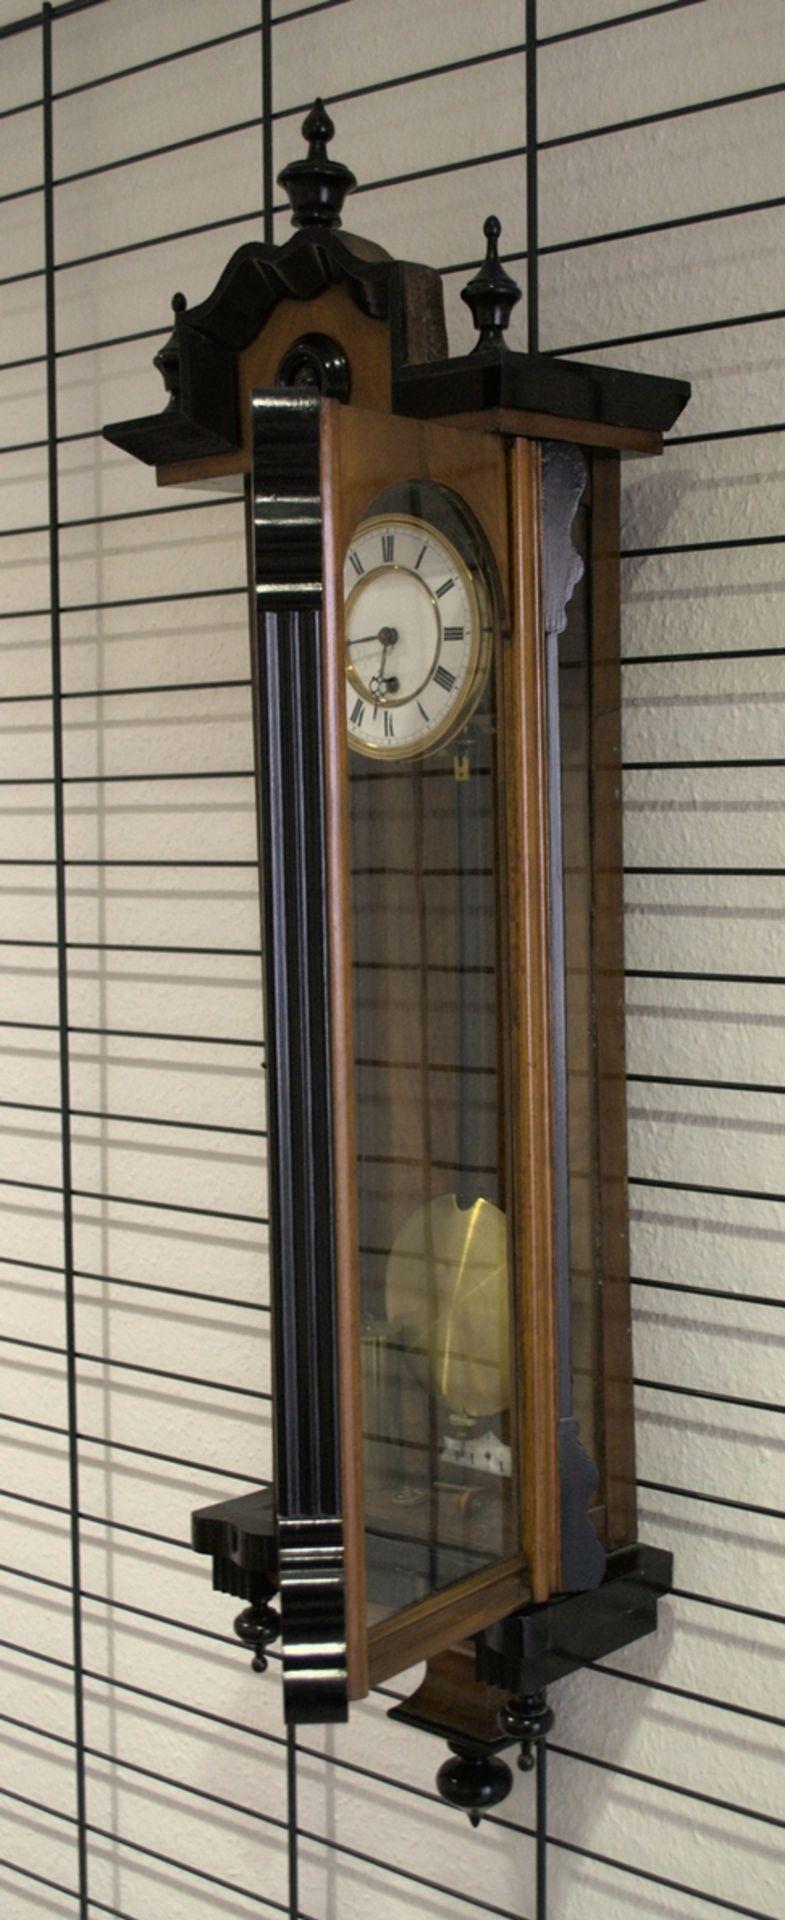 Wandregulator, eingewichtige, mechanische Wanduhr im Nussbaumgehäuse. Werk ungeprüft. Höhe ca. 95 - Bild 4 aus 19